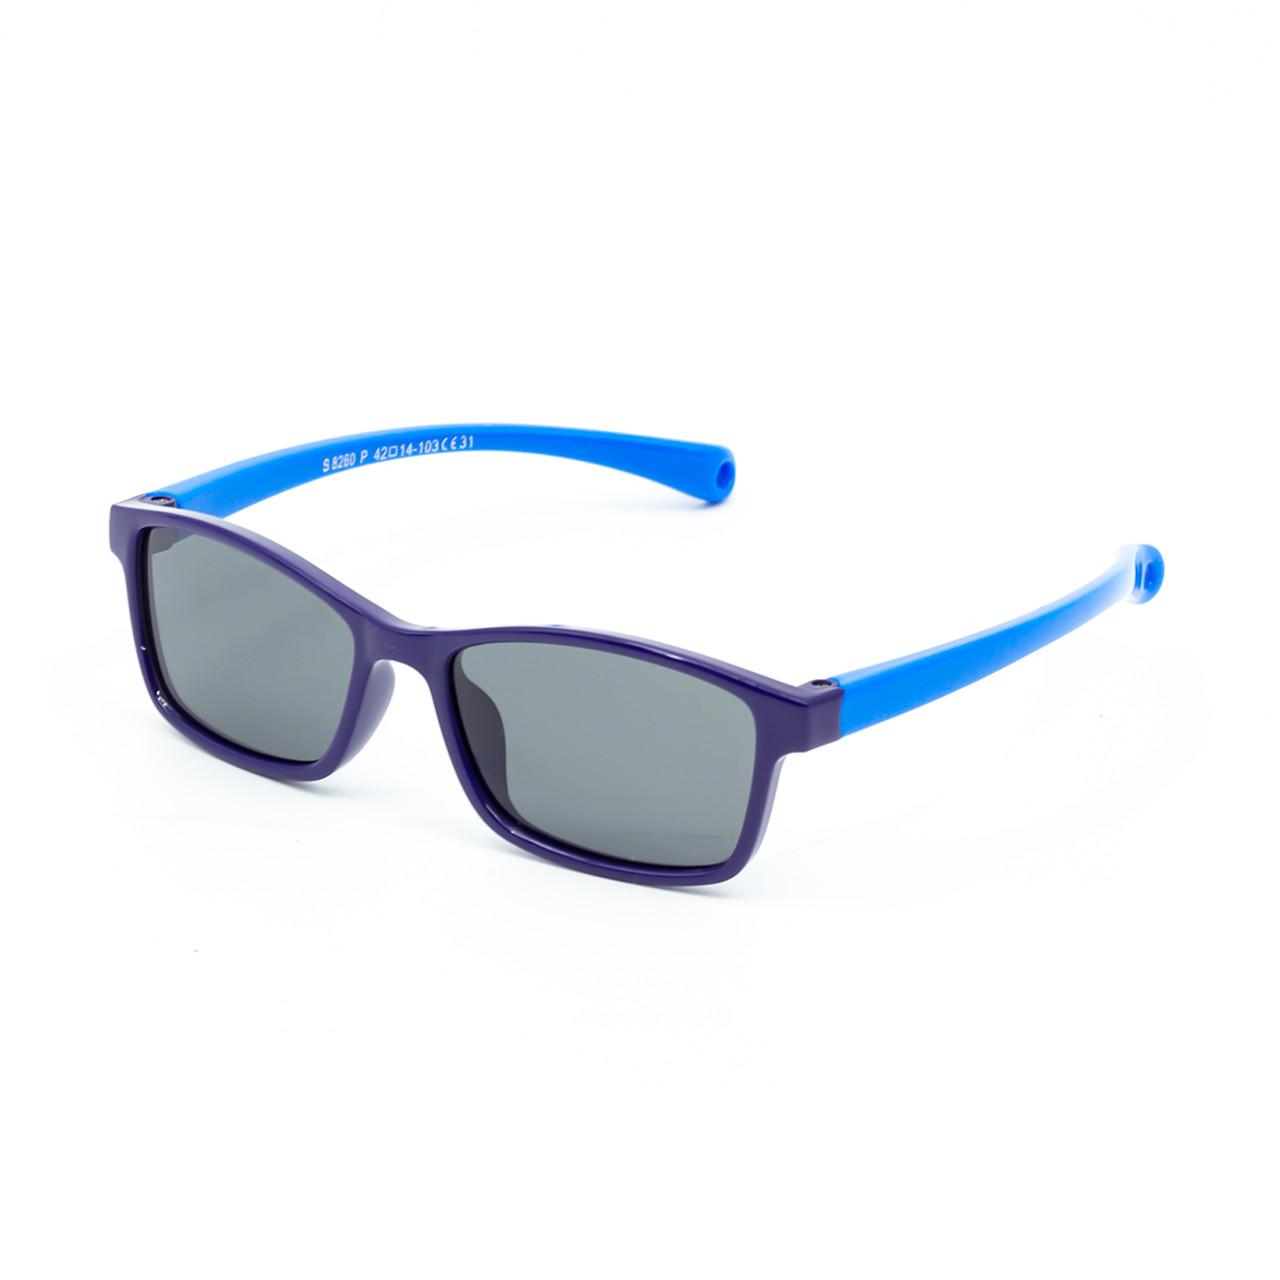 Солнцезащитные очки Marmilen S8260P C31 темно синие  с голубым    ( KAS8260P-31 )